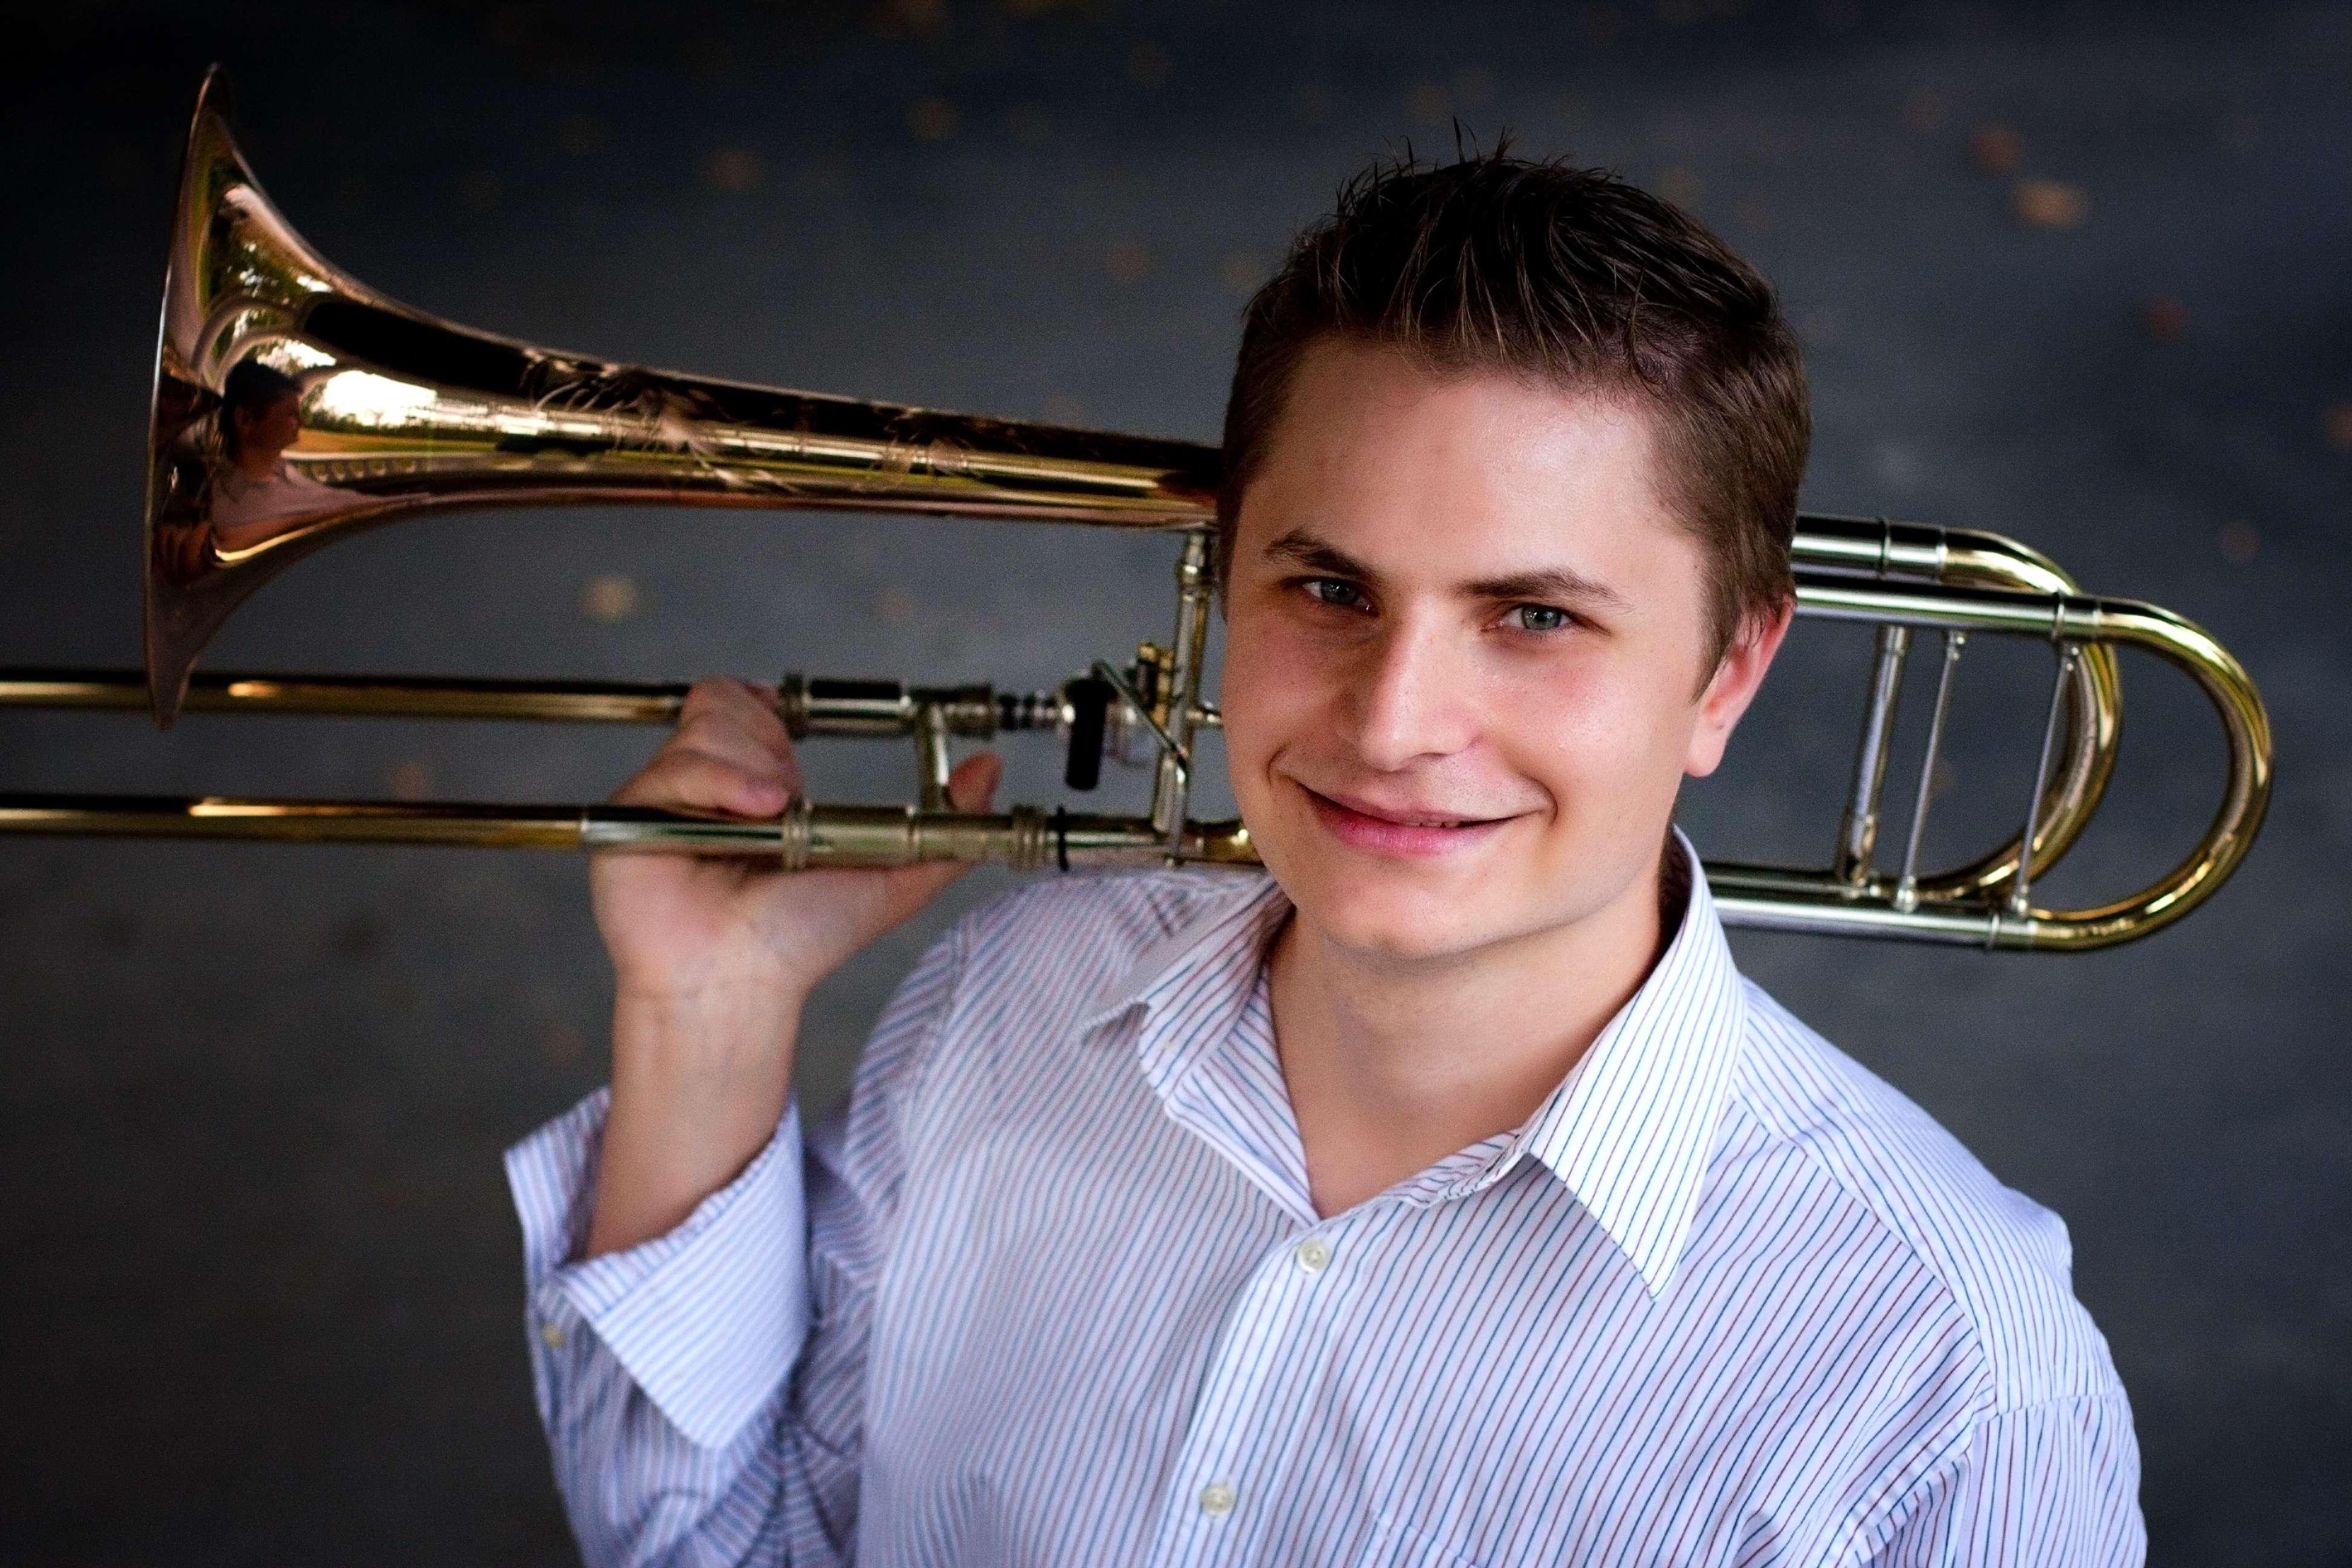 [Degree Recital: János Sutyák, trombone]